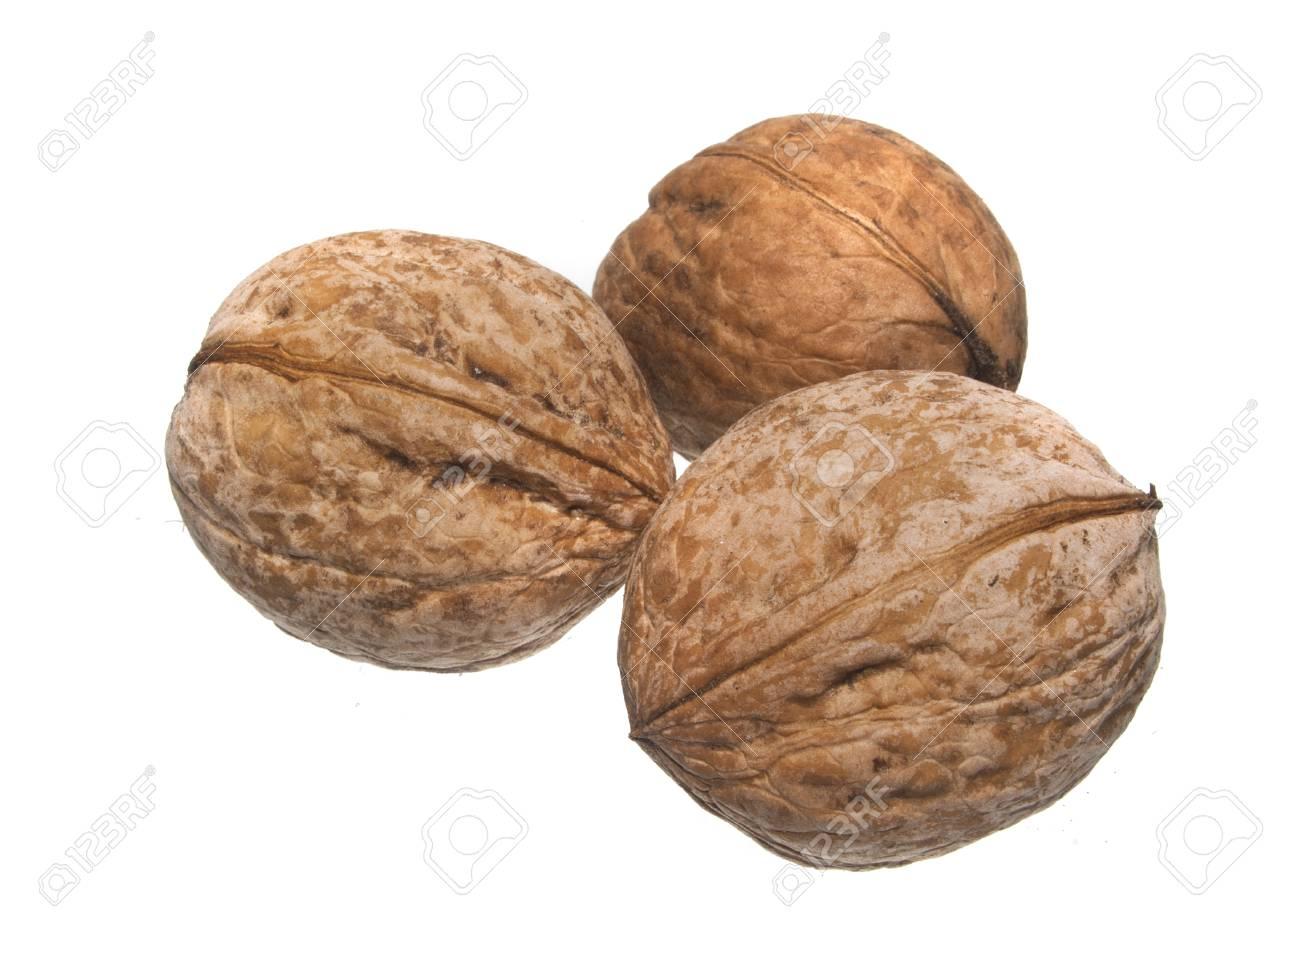 nut isolated on white background - 111164536